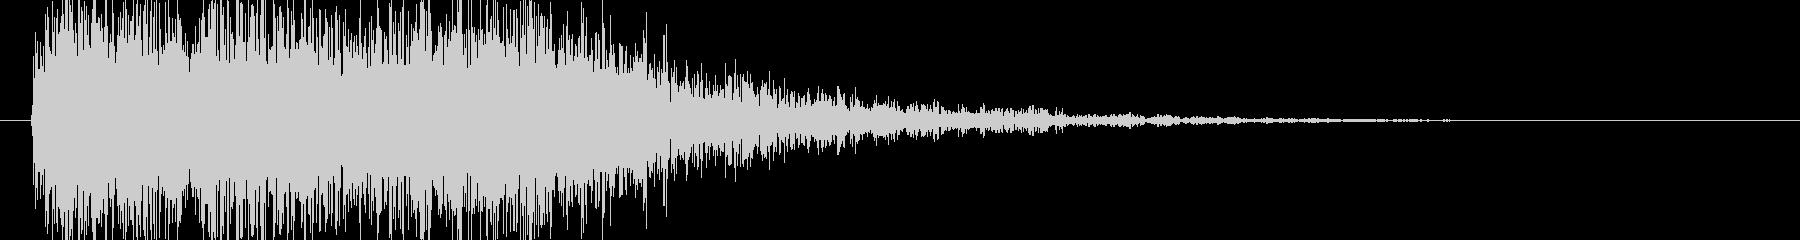 中世 ジングルオーケストラネガティブ01の未再生の波形